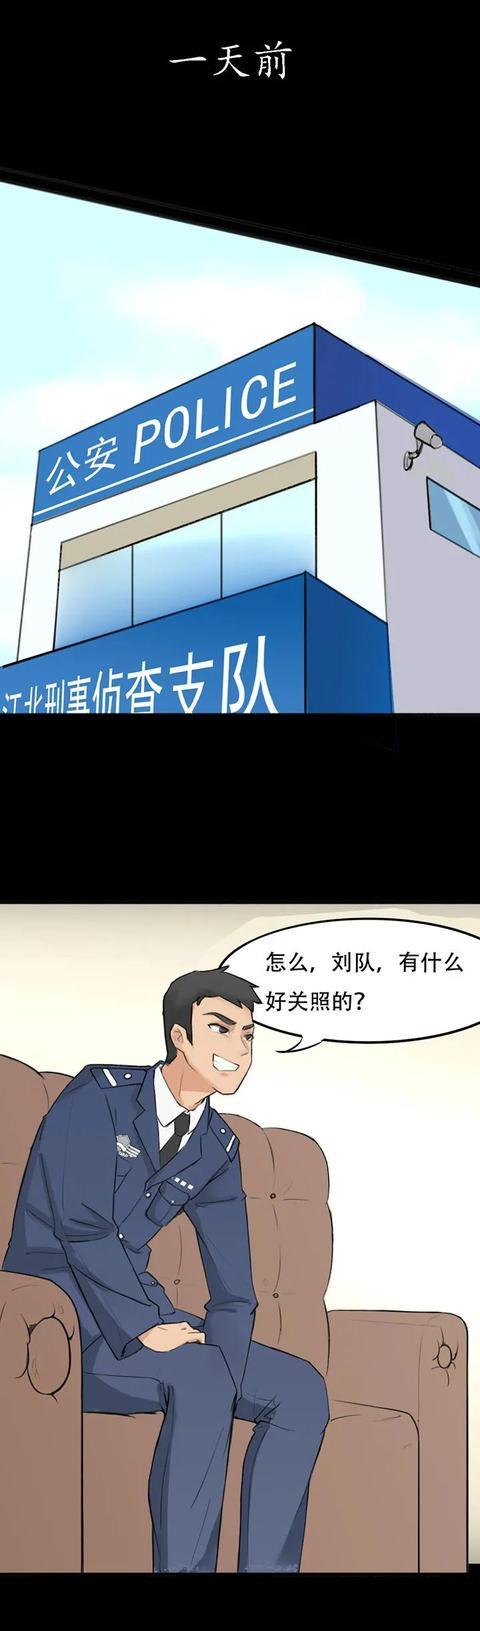 """连载漫画,""""一锅端""""连载漫画(二)"""